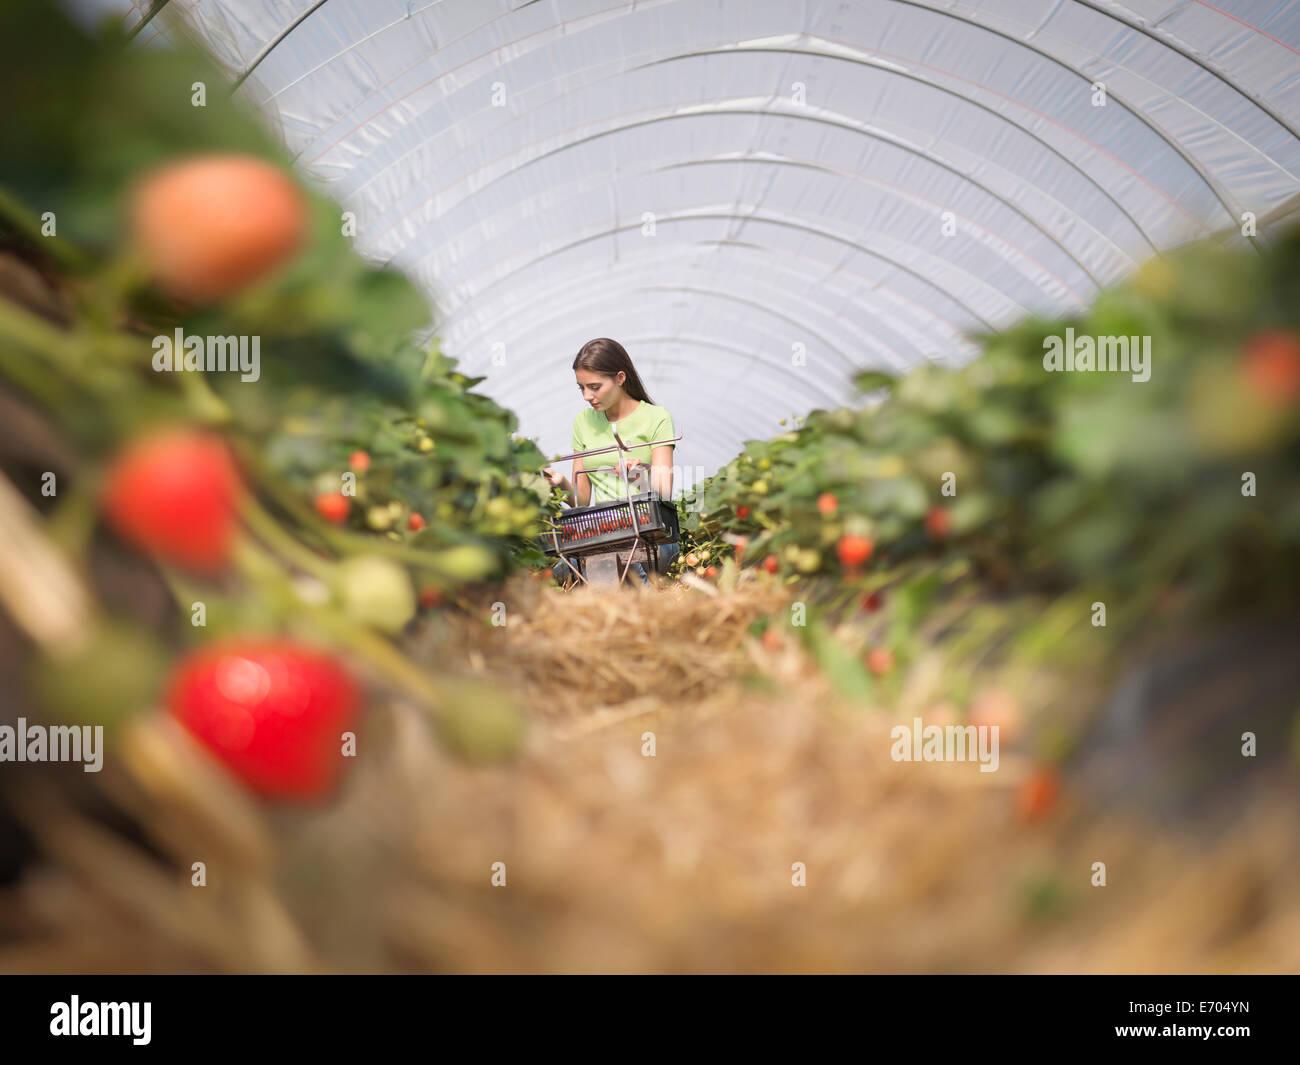 Lavoratore la raccolta di fragole in azienda frutticola Immagini Stock